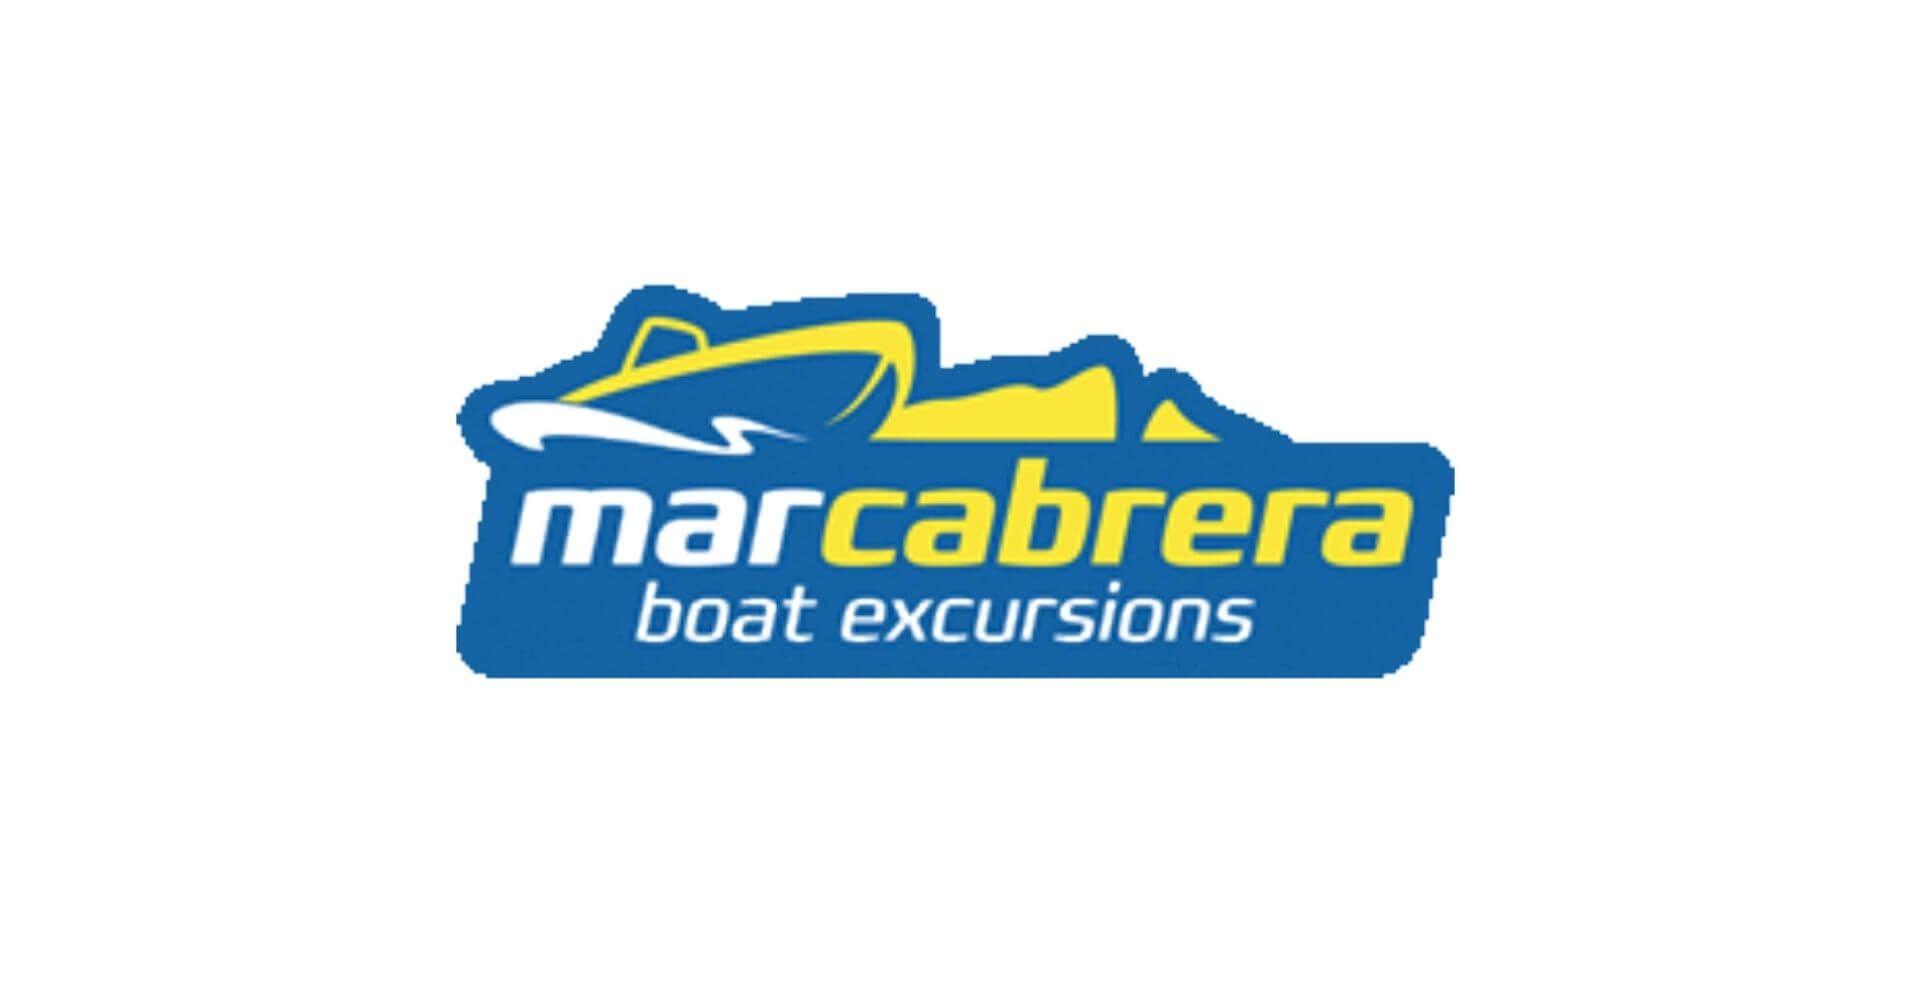 Logo de Mar Cabrera. Mallorca, Islas Baleares.